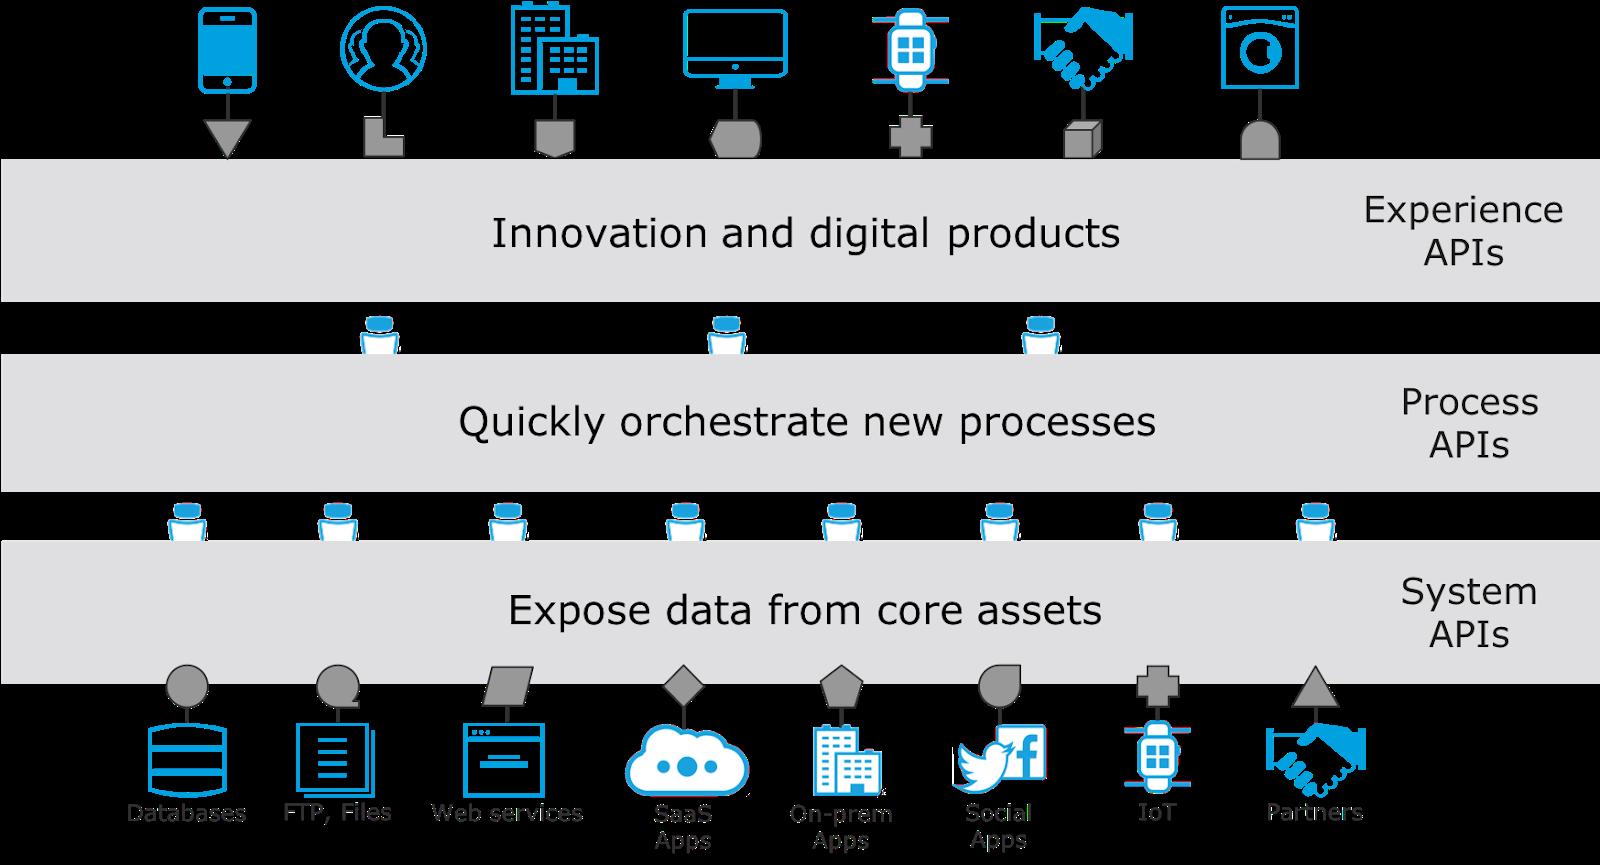 Ces niveaux commencent par les API système se connectant aux applications et aux services, suivies des API de processus responsables de l'orchestration et des API d'expérience spécialement conçues pour les applications.